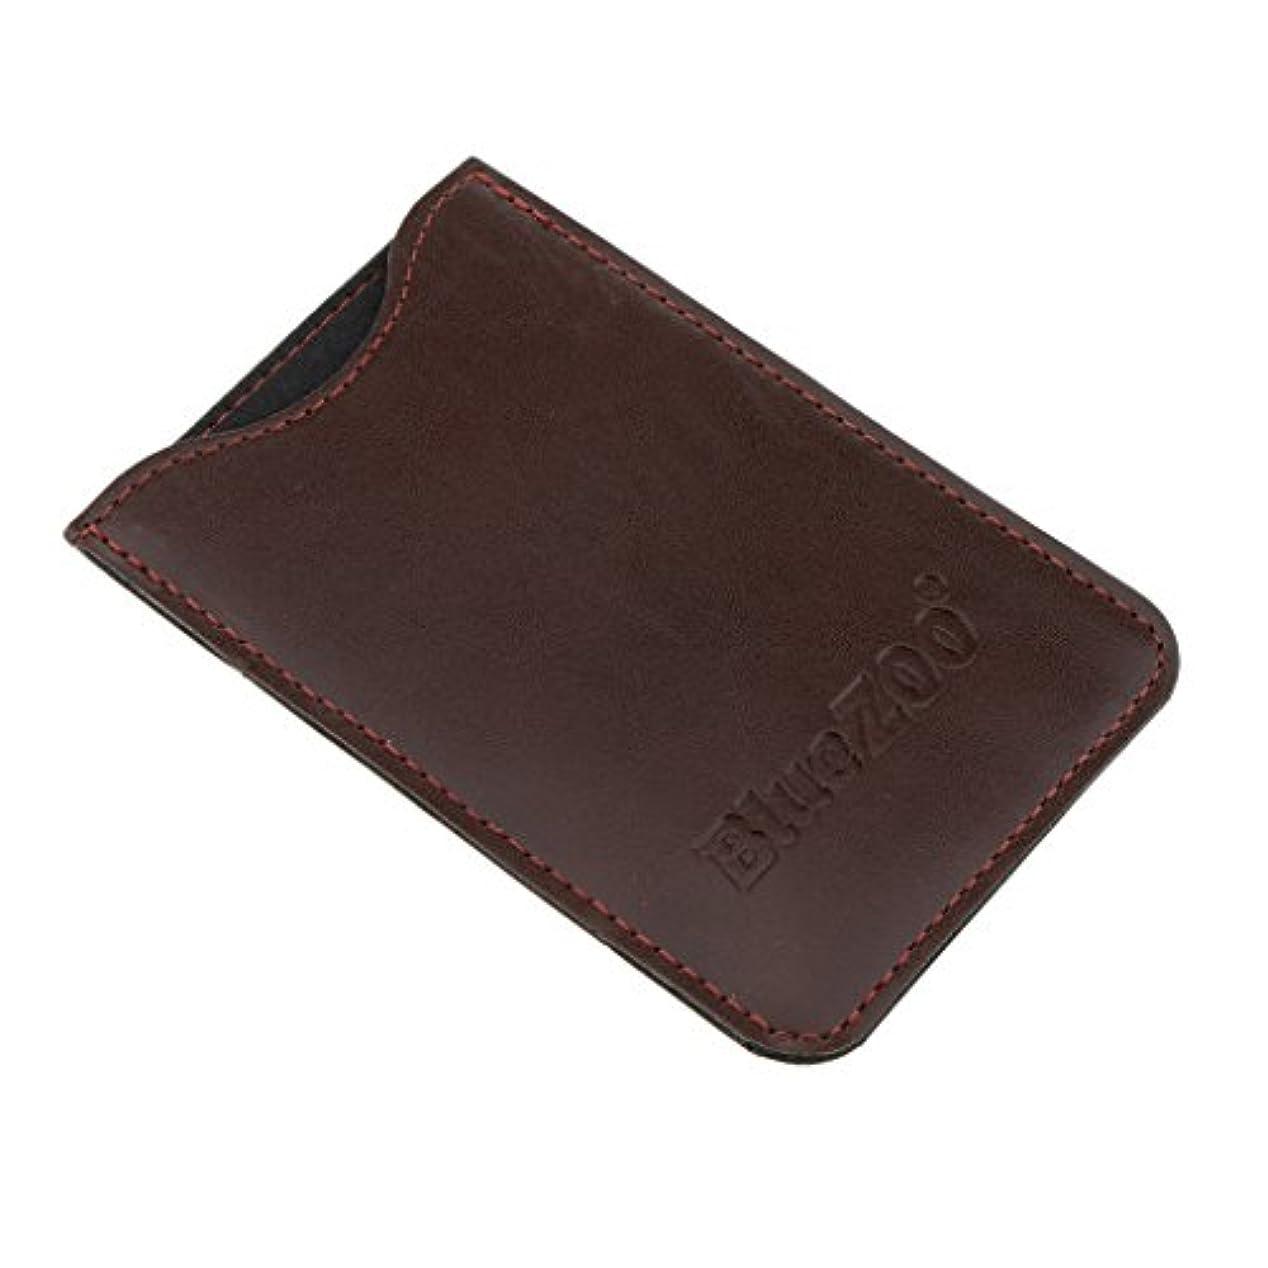 時代大宇宙第五Homyl 収納パック 収納ケース 保護カバー 櫛/名刺/IDカード/銀行カード 多機能 高品質 全2色  - 褐色